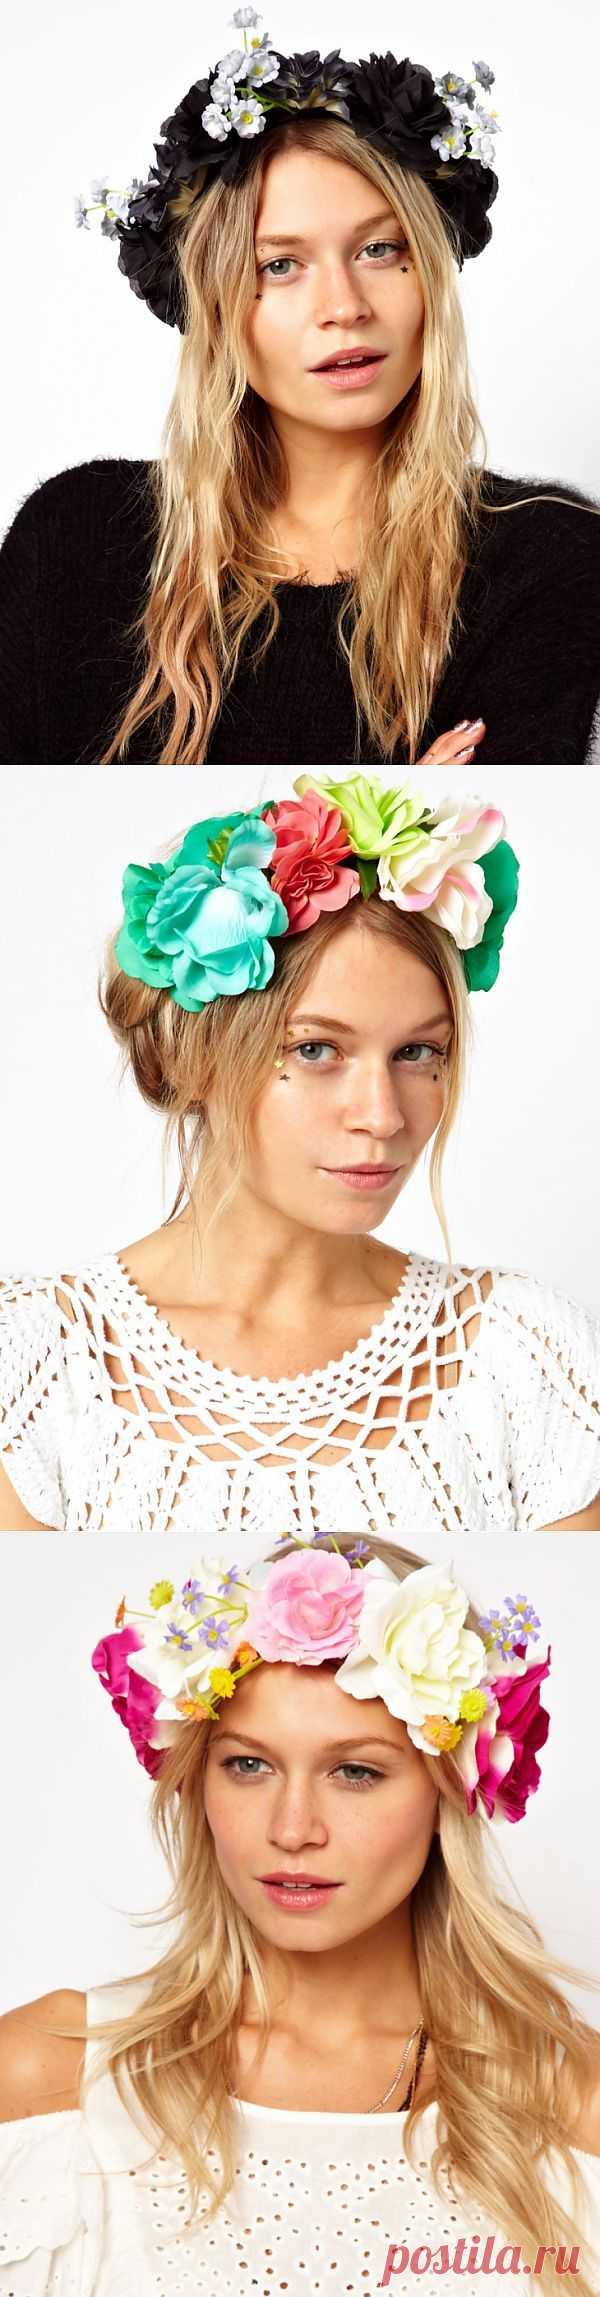 Венки на голову из цветов (подборка разных) / Украшения для волос / Модный сайт о стильной переделке одежды и интерьера